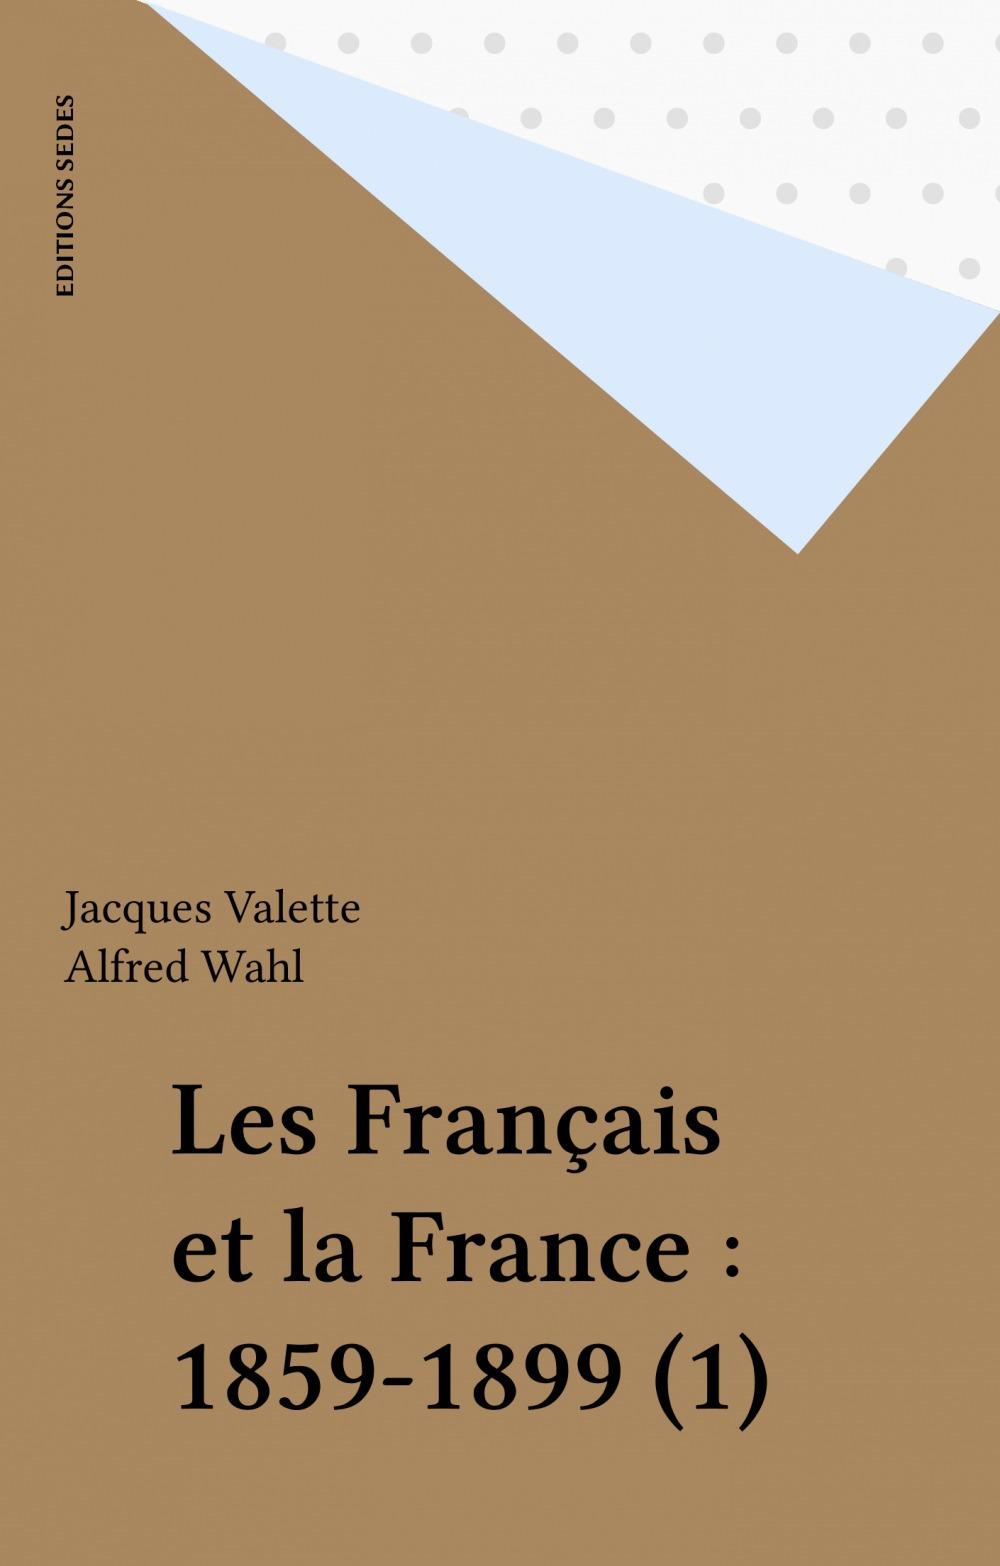 Les francais et la france t.1